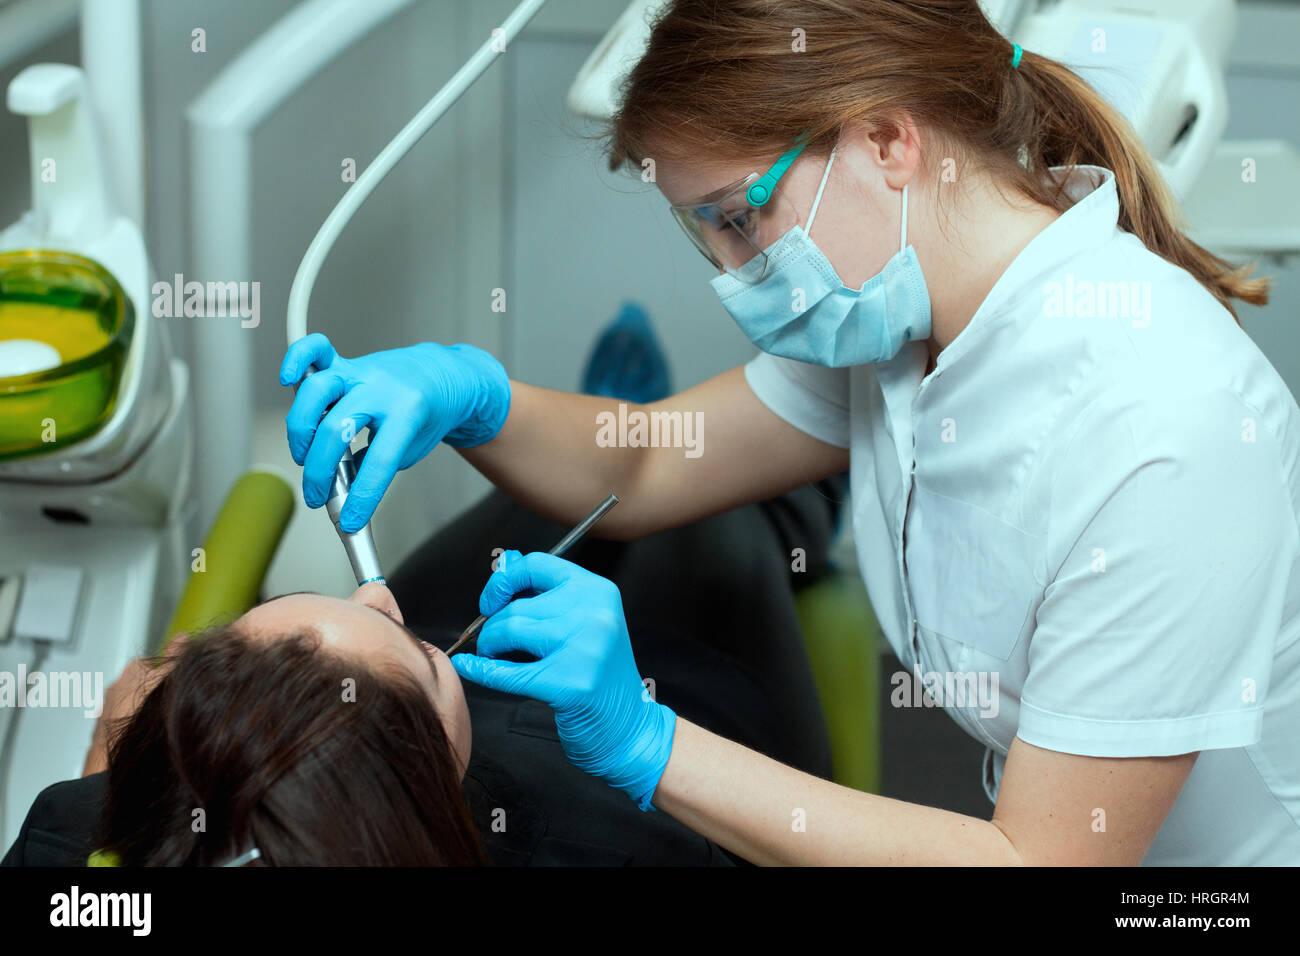 Paziente di sesso femminile presso il dentista trapanare il dente con una turbina e rendendo le otturazioni dentali Immagini Stock